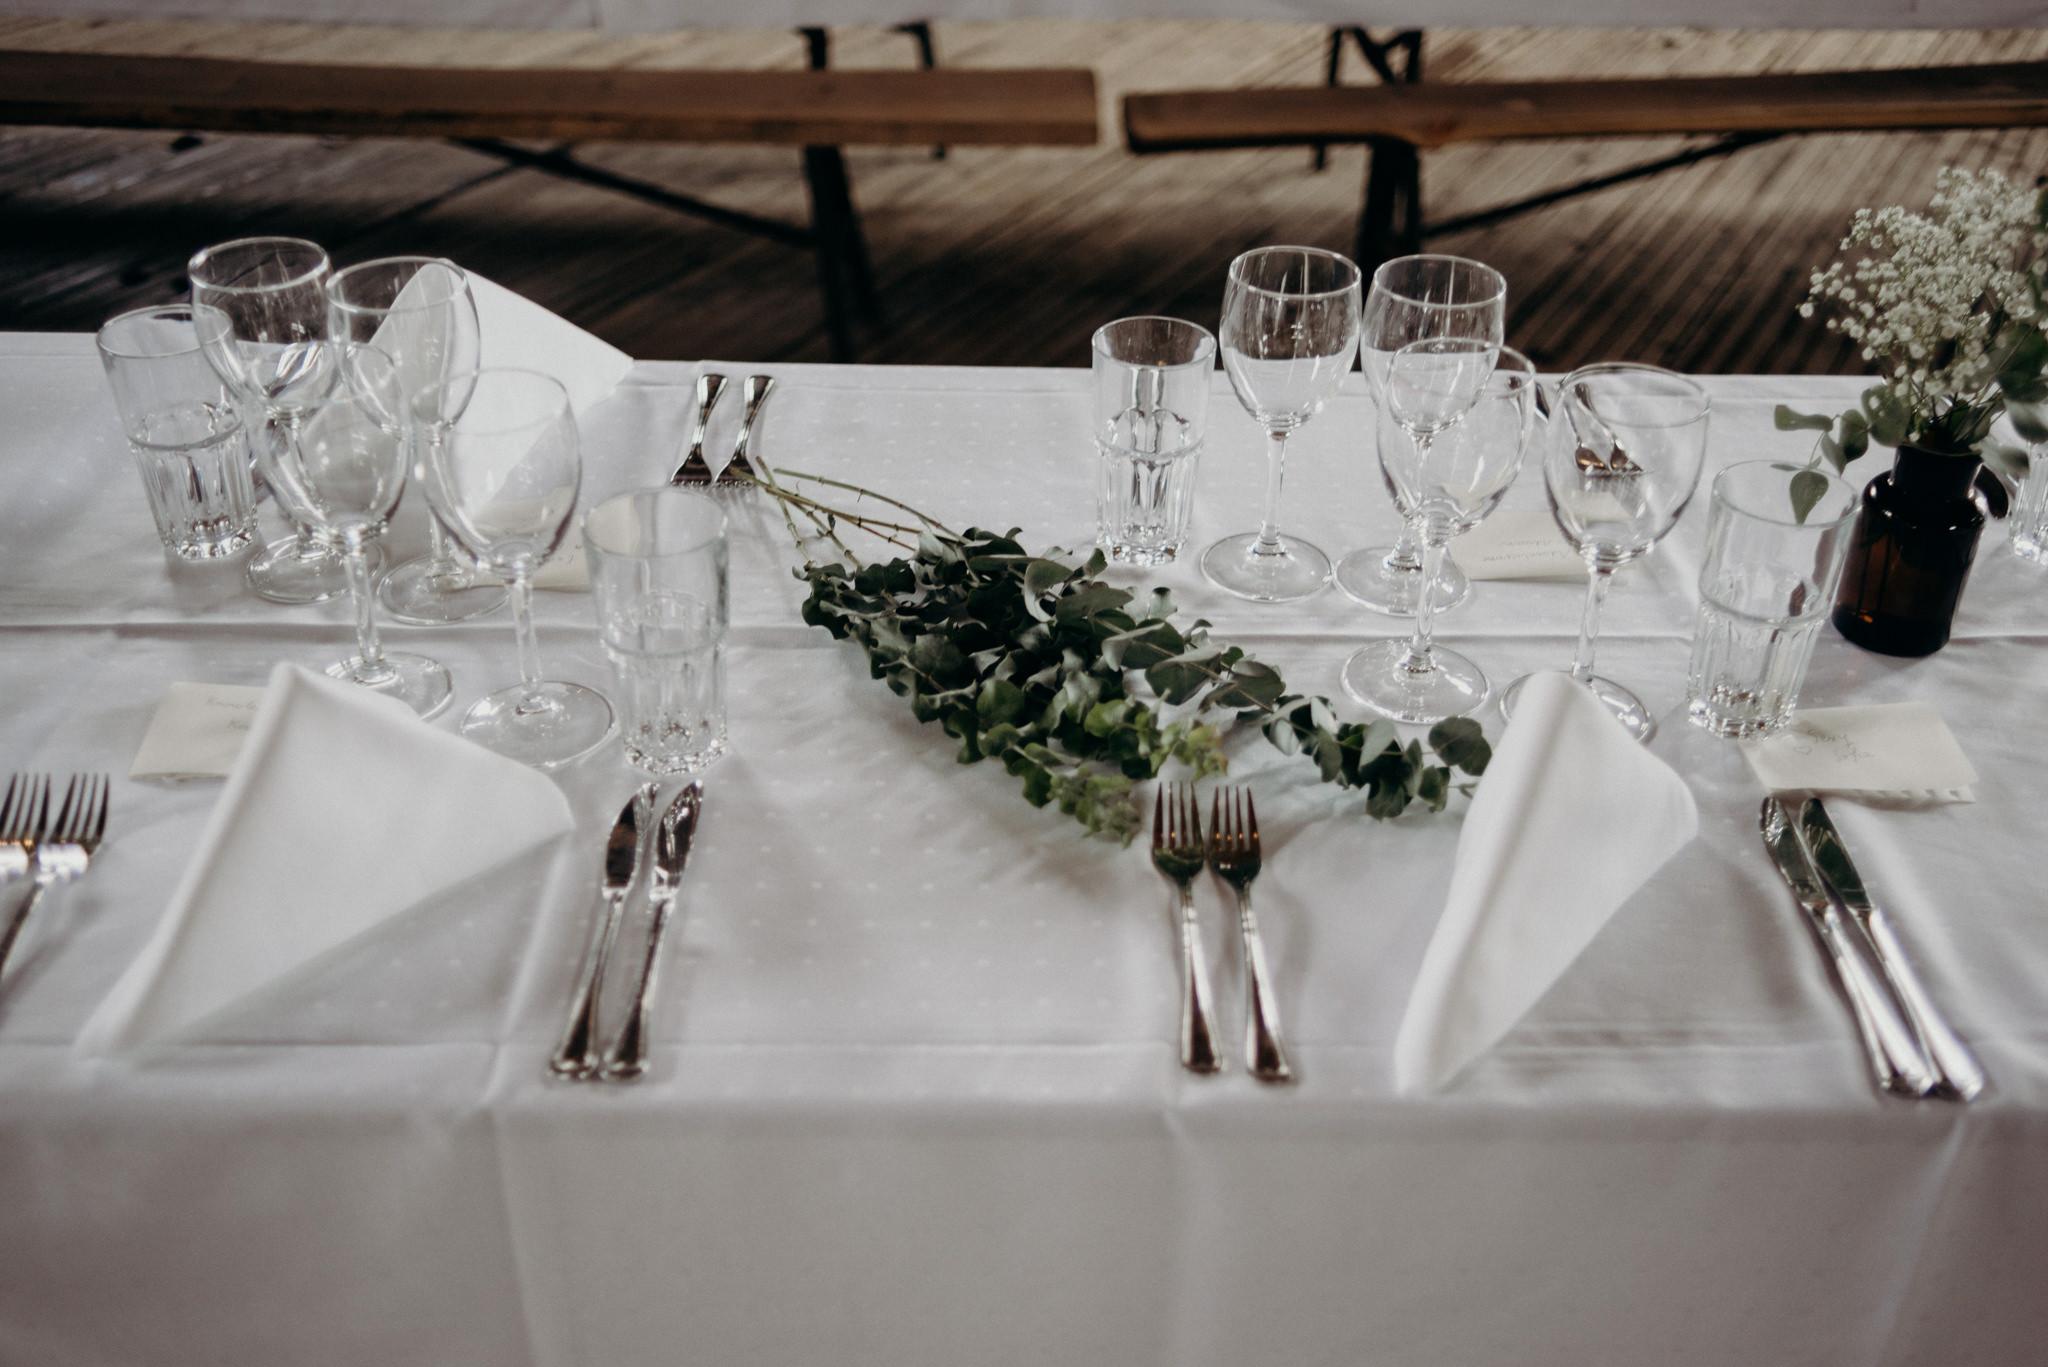 Valkosaaren Telakka wedding reception food table